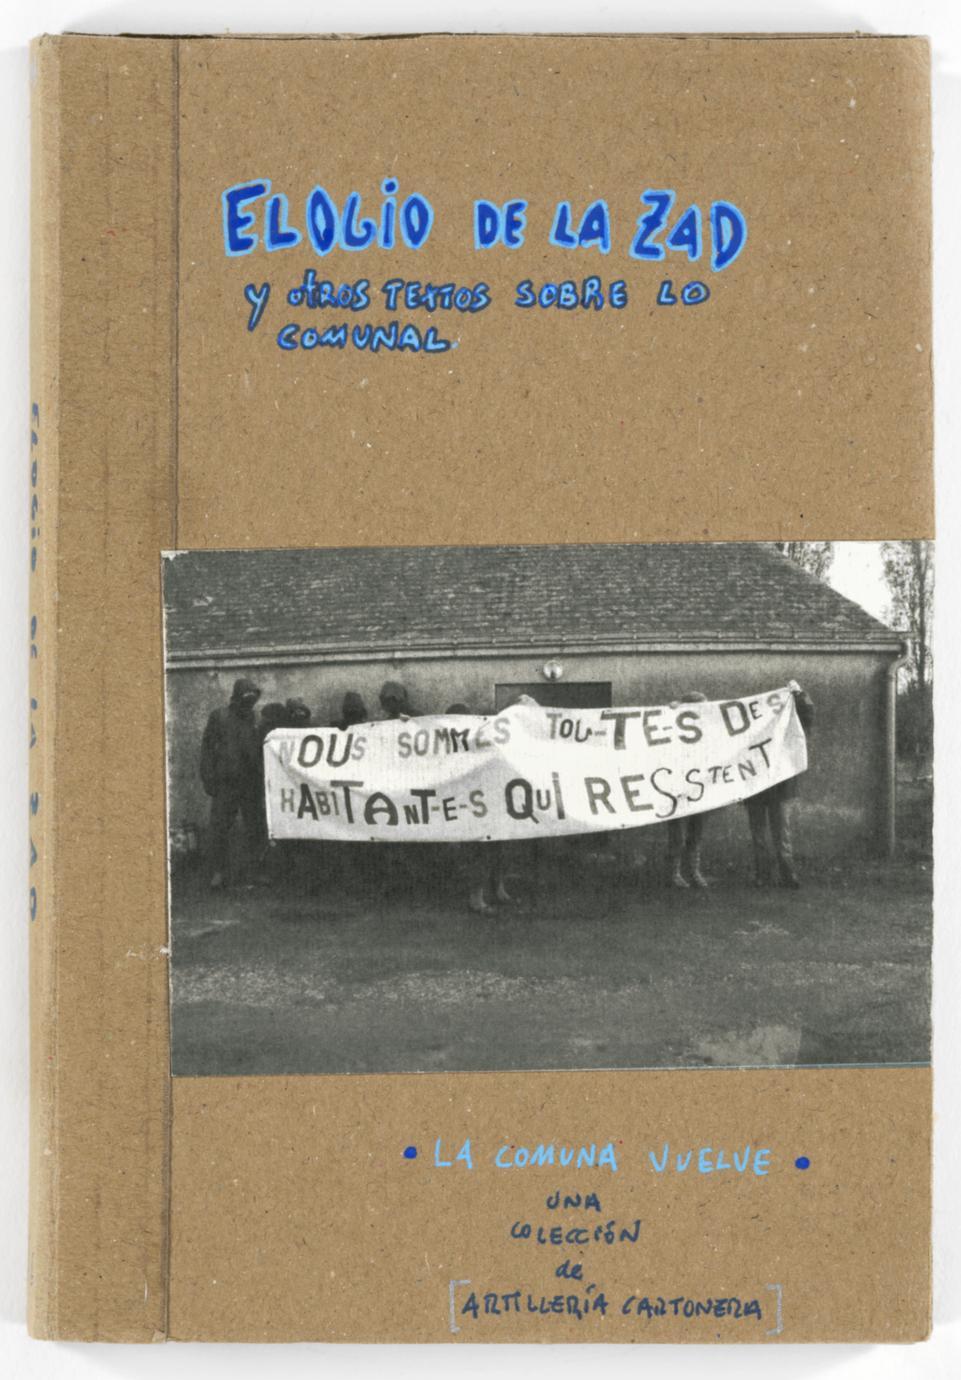 Elogio de la ZAD y otros textos sobre lo comunal (1 of 3)